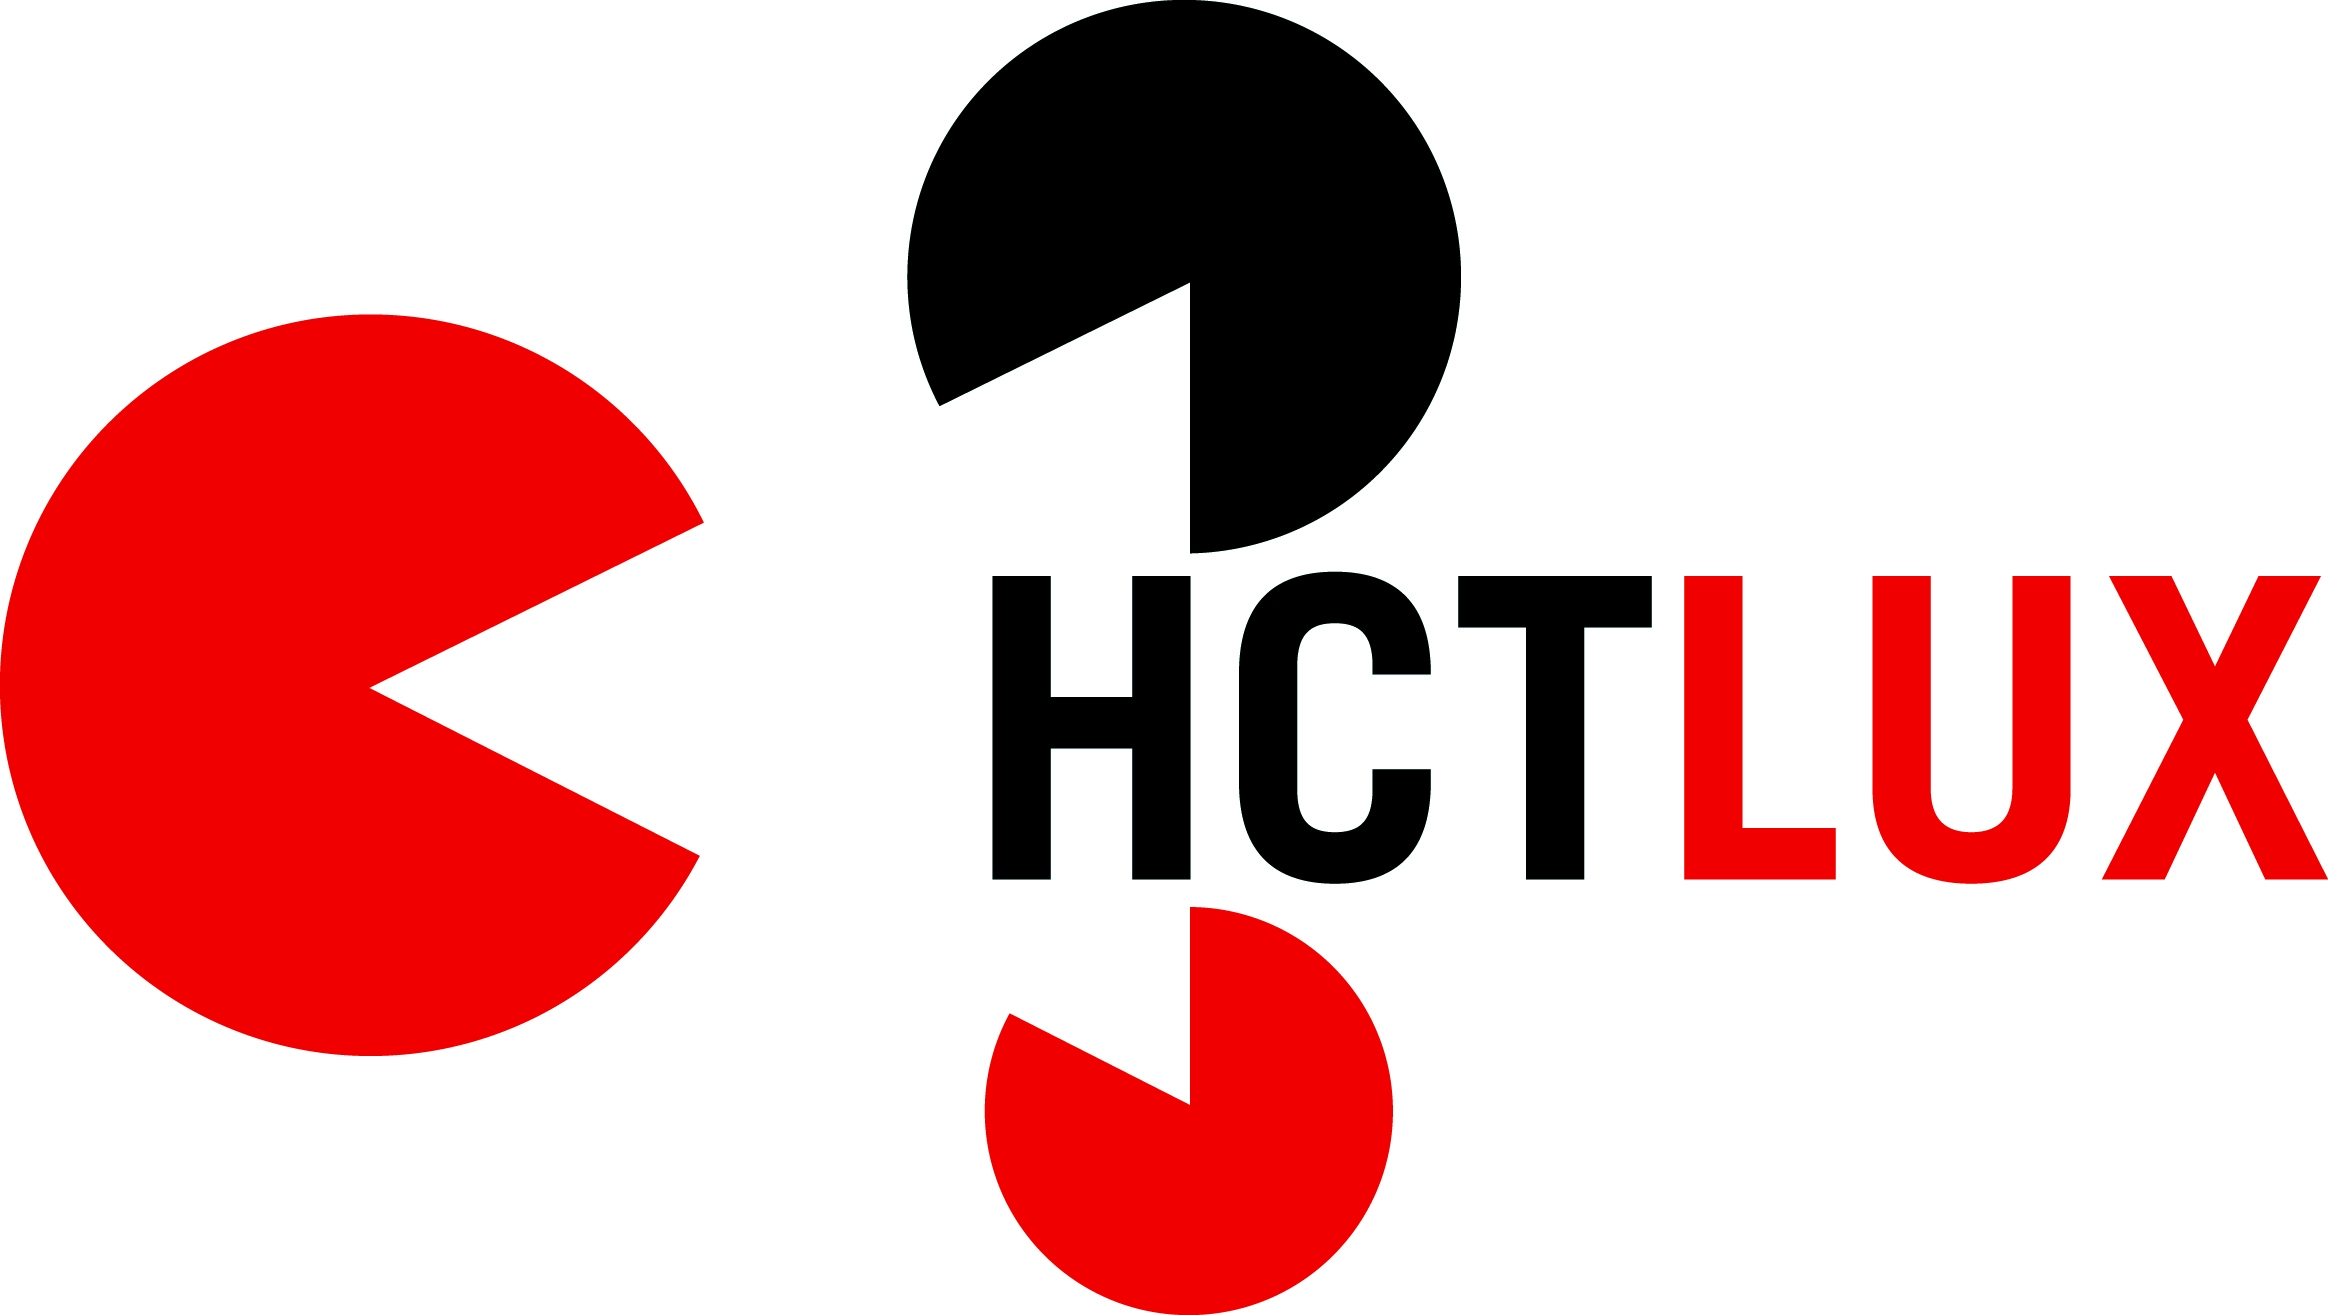 HCT_logo